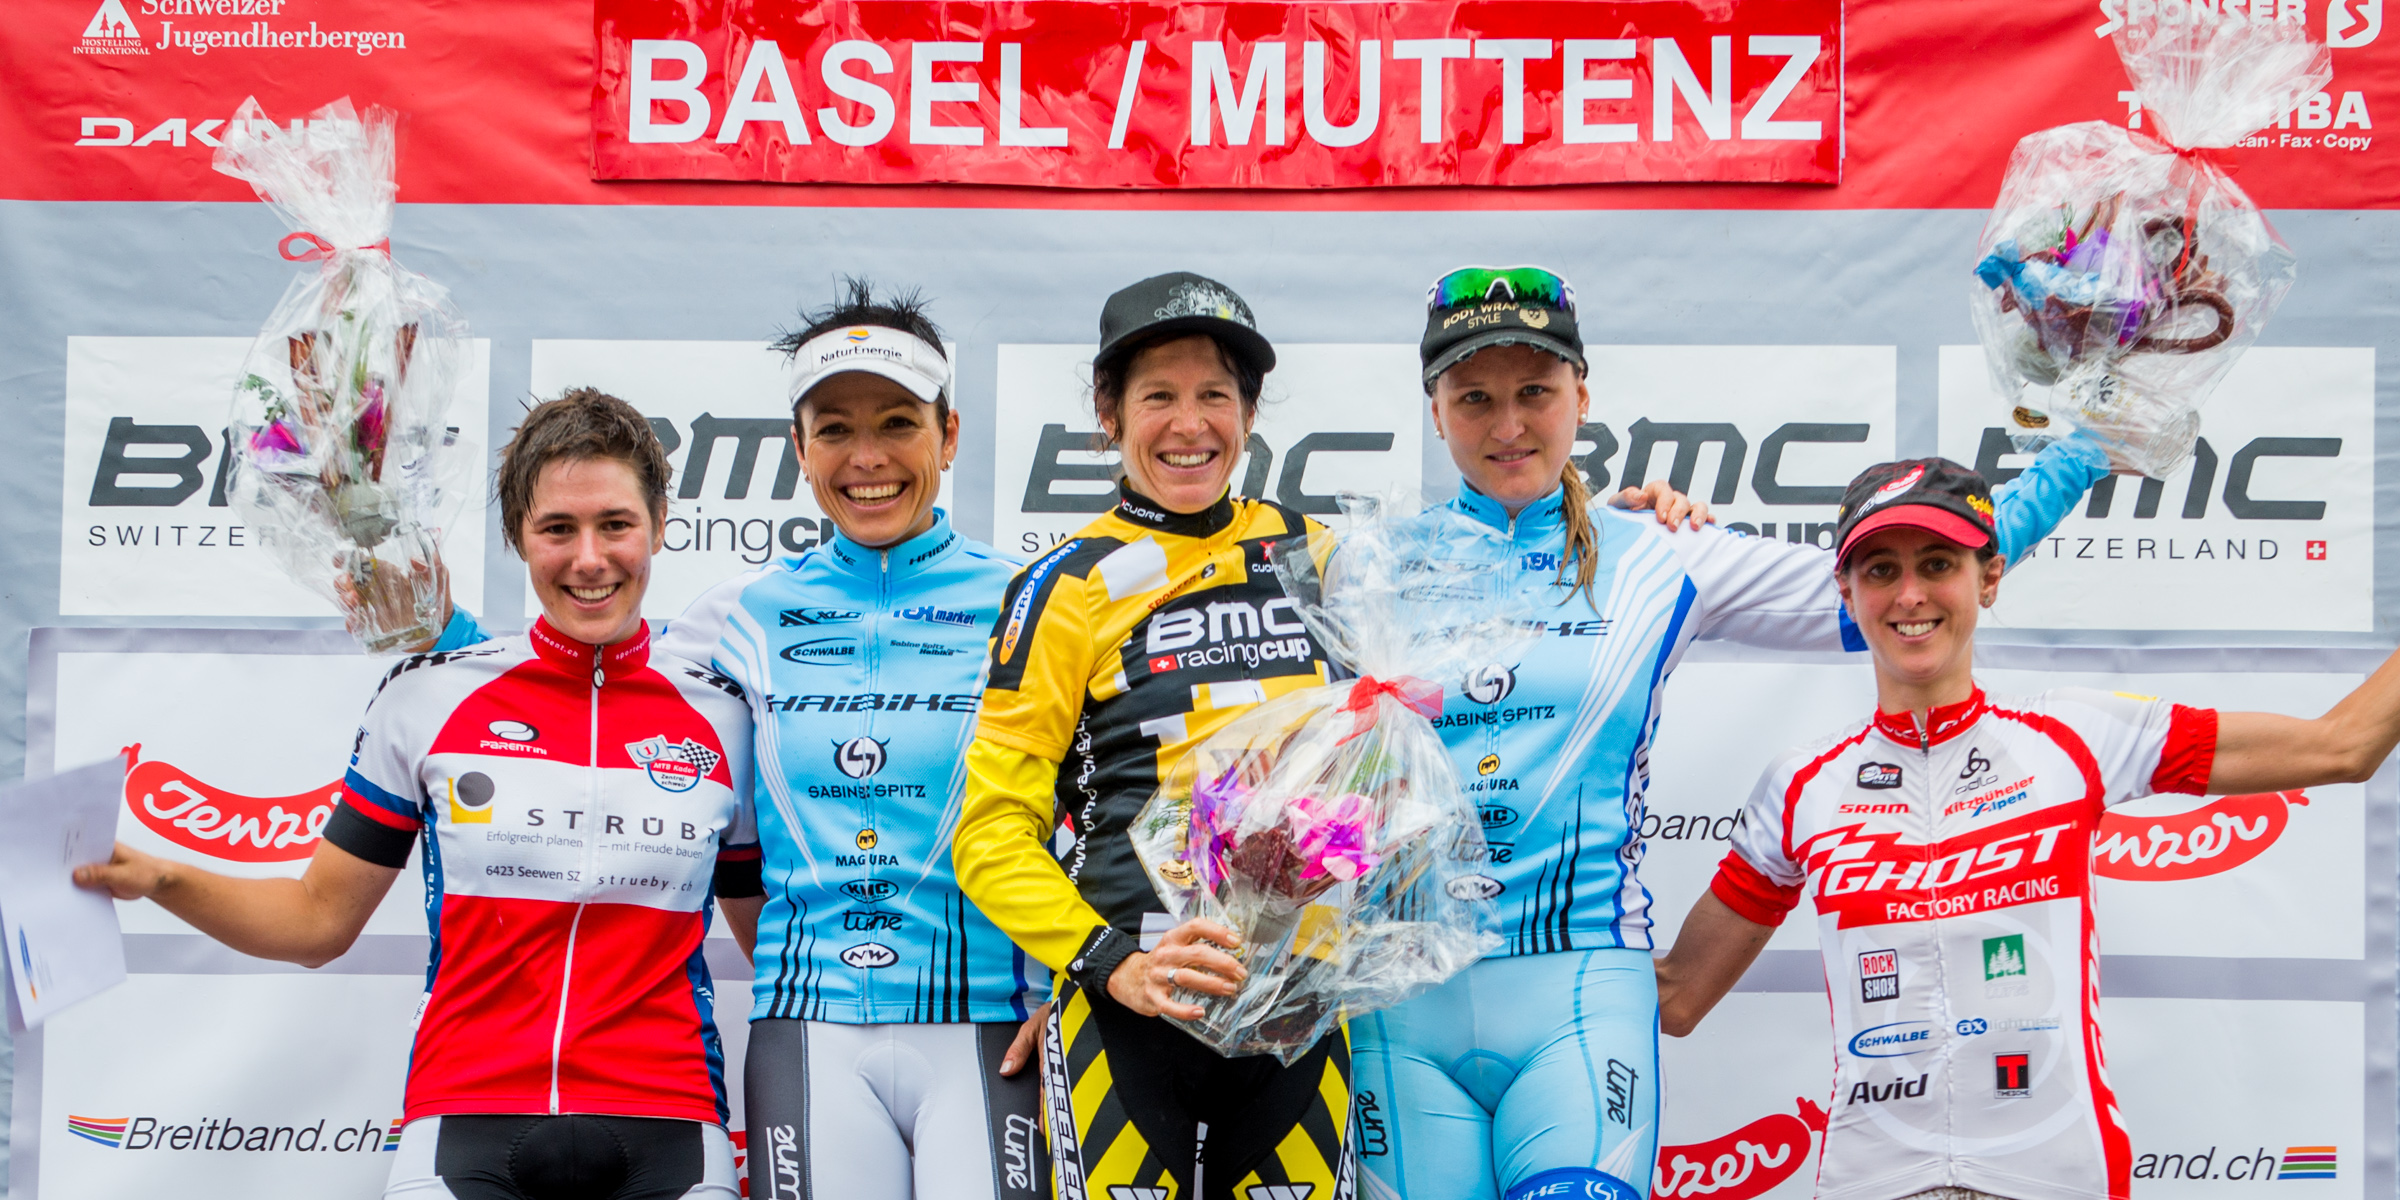 130824_SUI_Muttenz_XC_Women_ceremony_IndergandL_Spitz_Suess_StirnemannK_Leumann_acrossthecountry_mountainbike_by_Kuestenbrueck